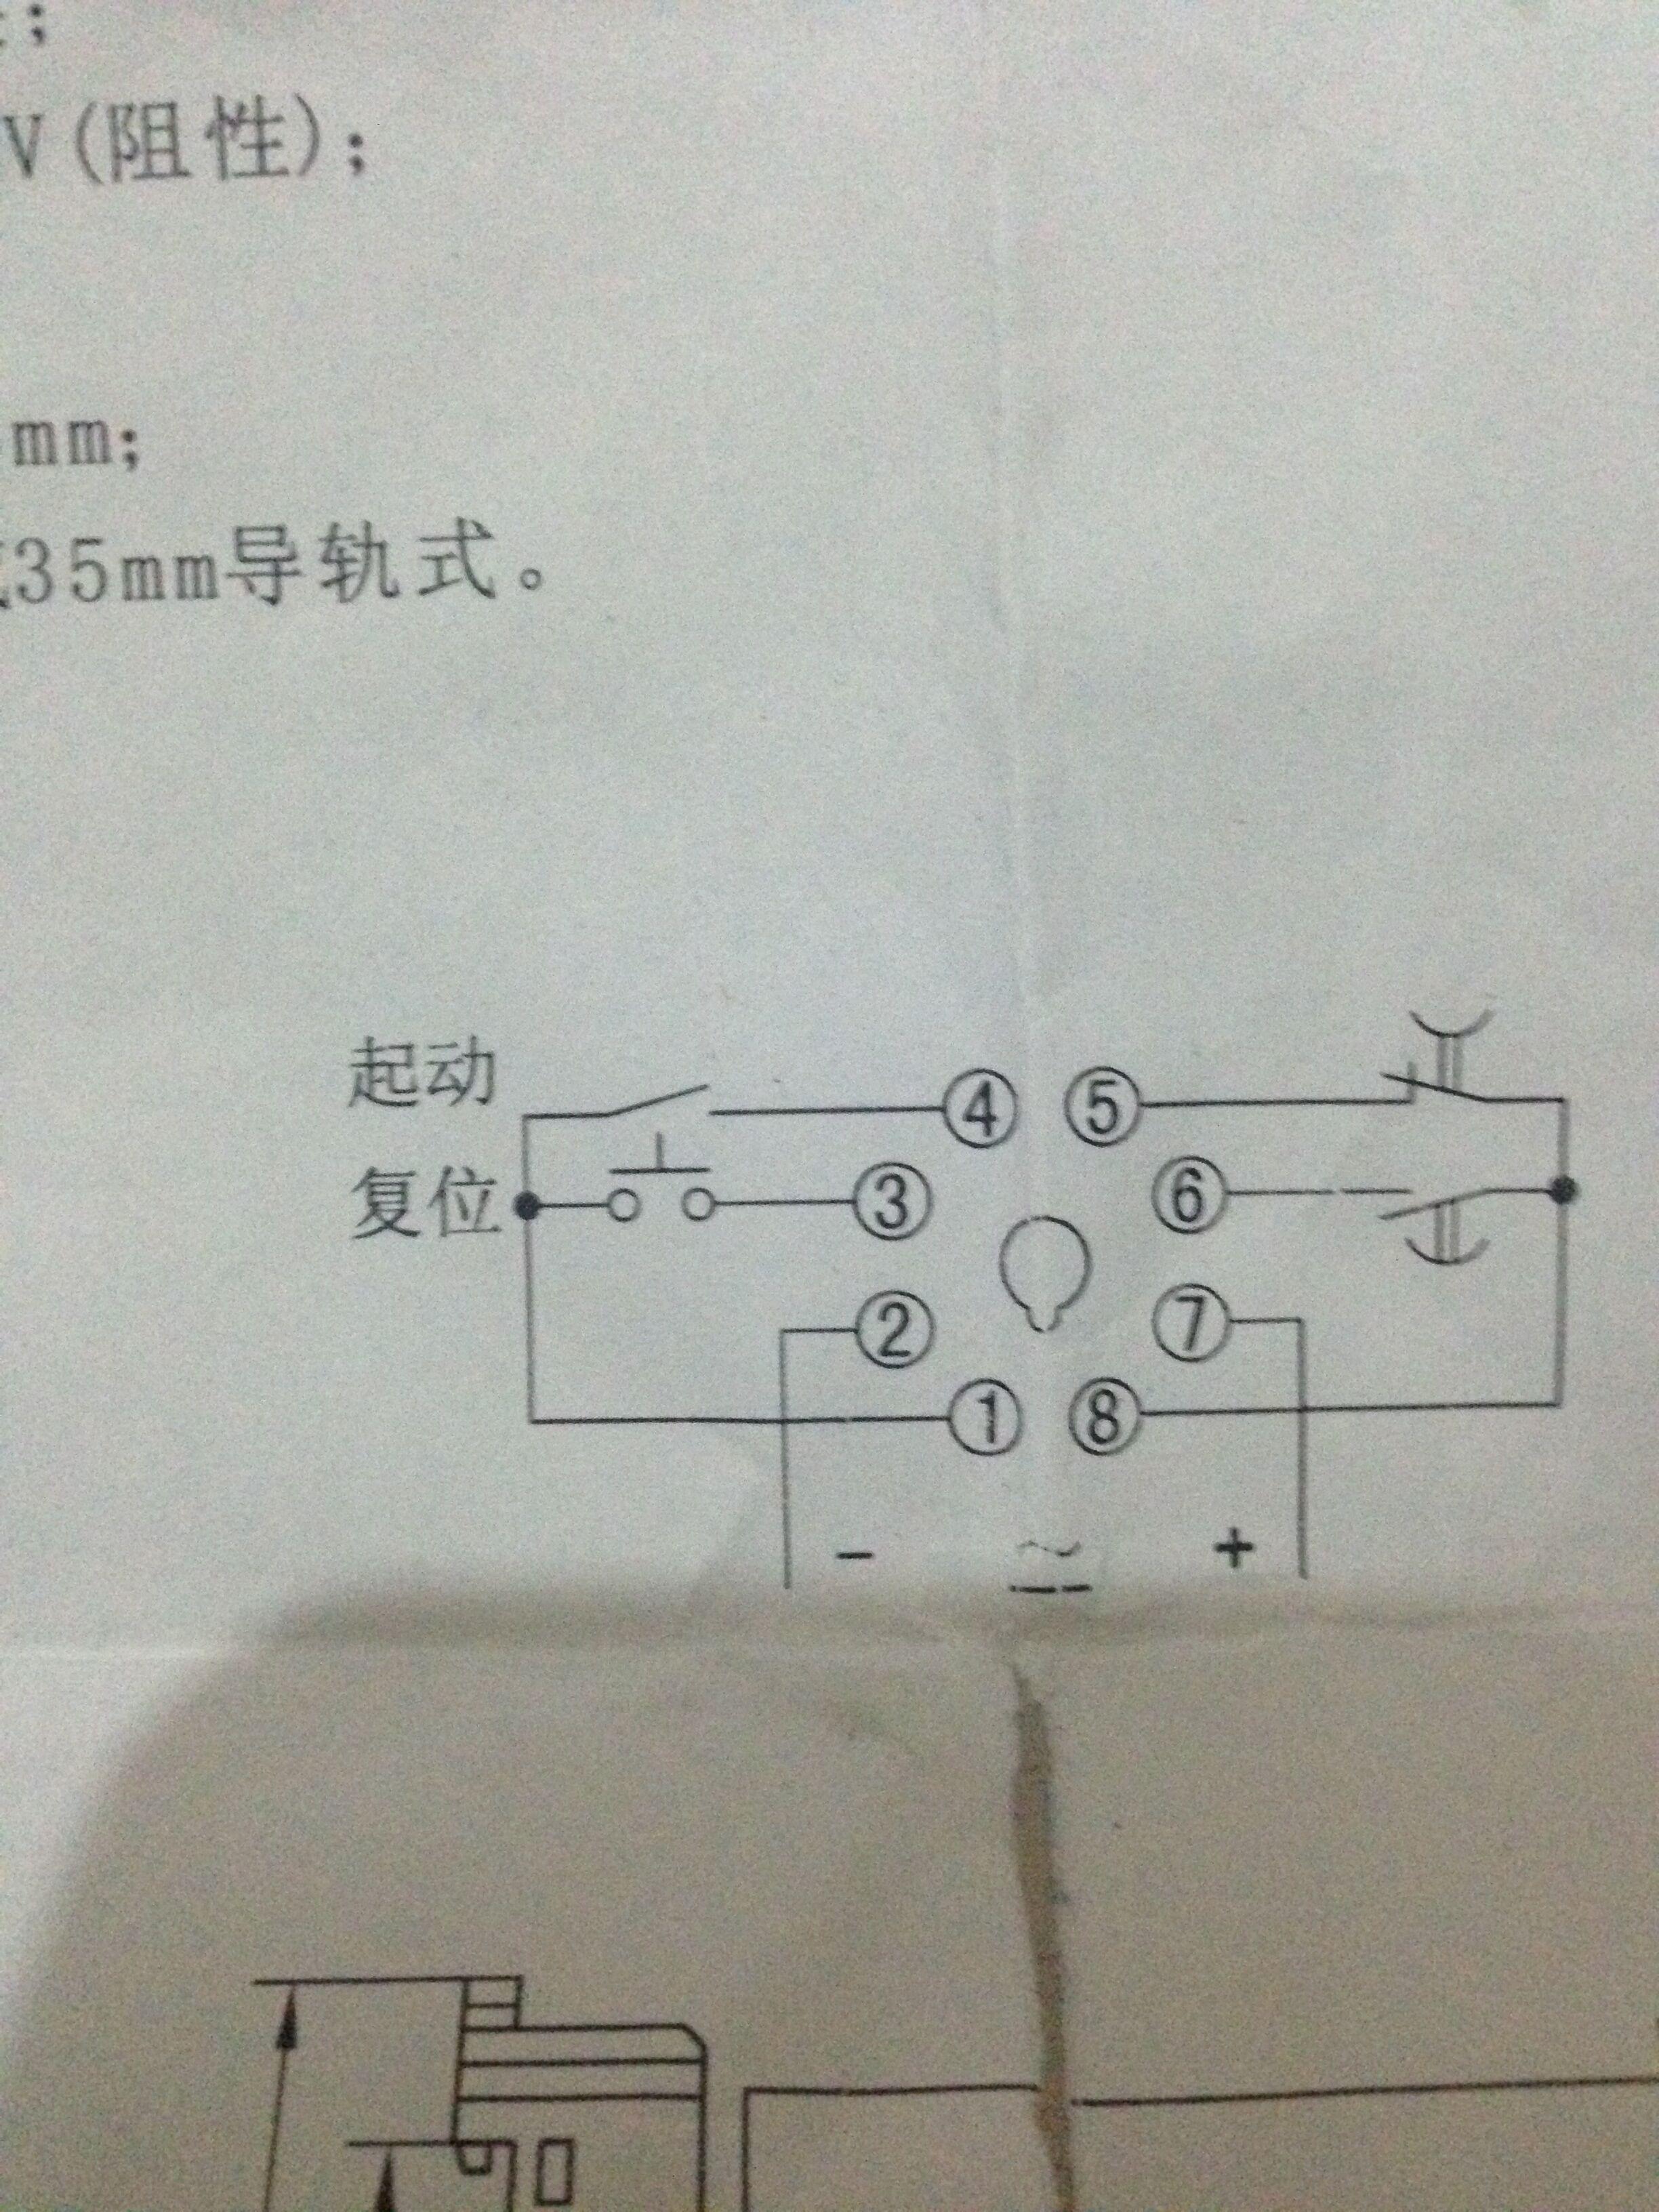 欣灵jss20-48ams时间继电器电路图怎么看